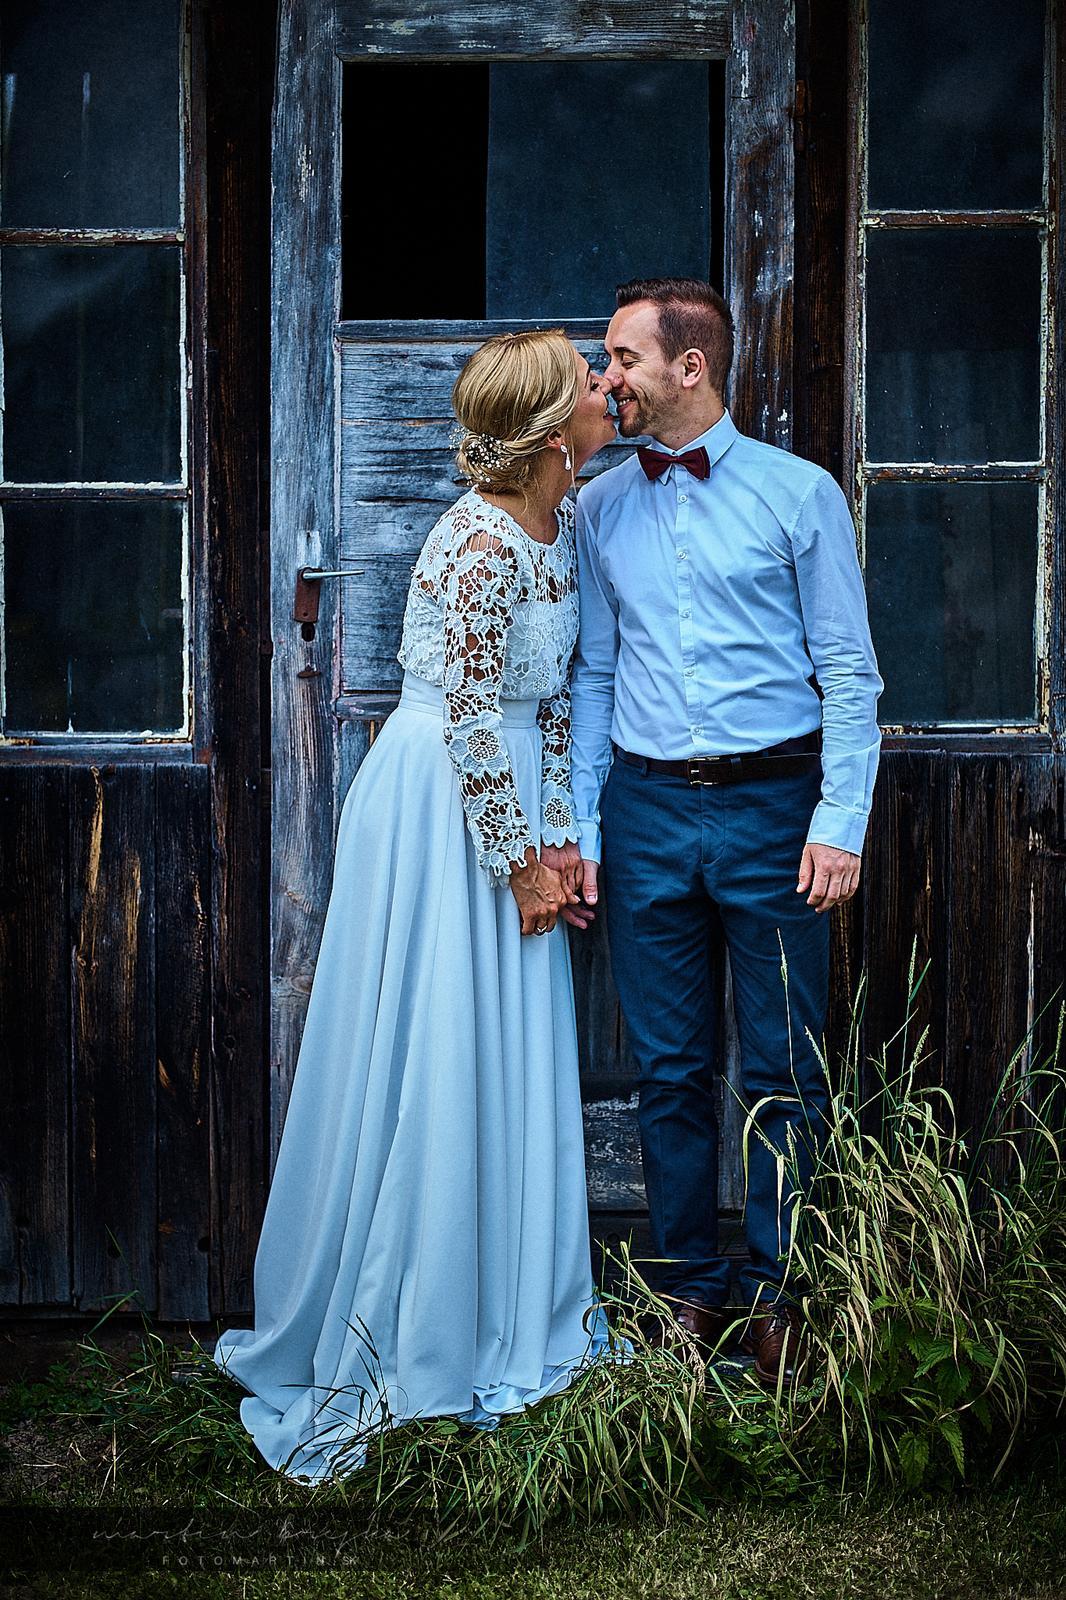 Natalia&dominik - Obrázok č. 12